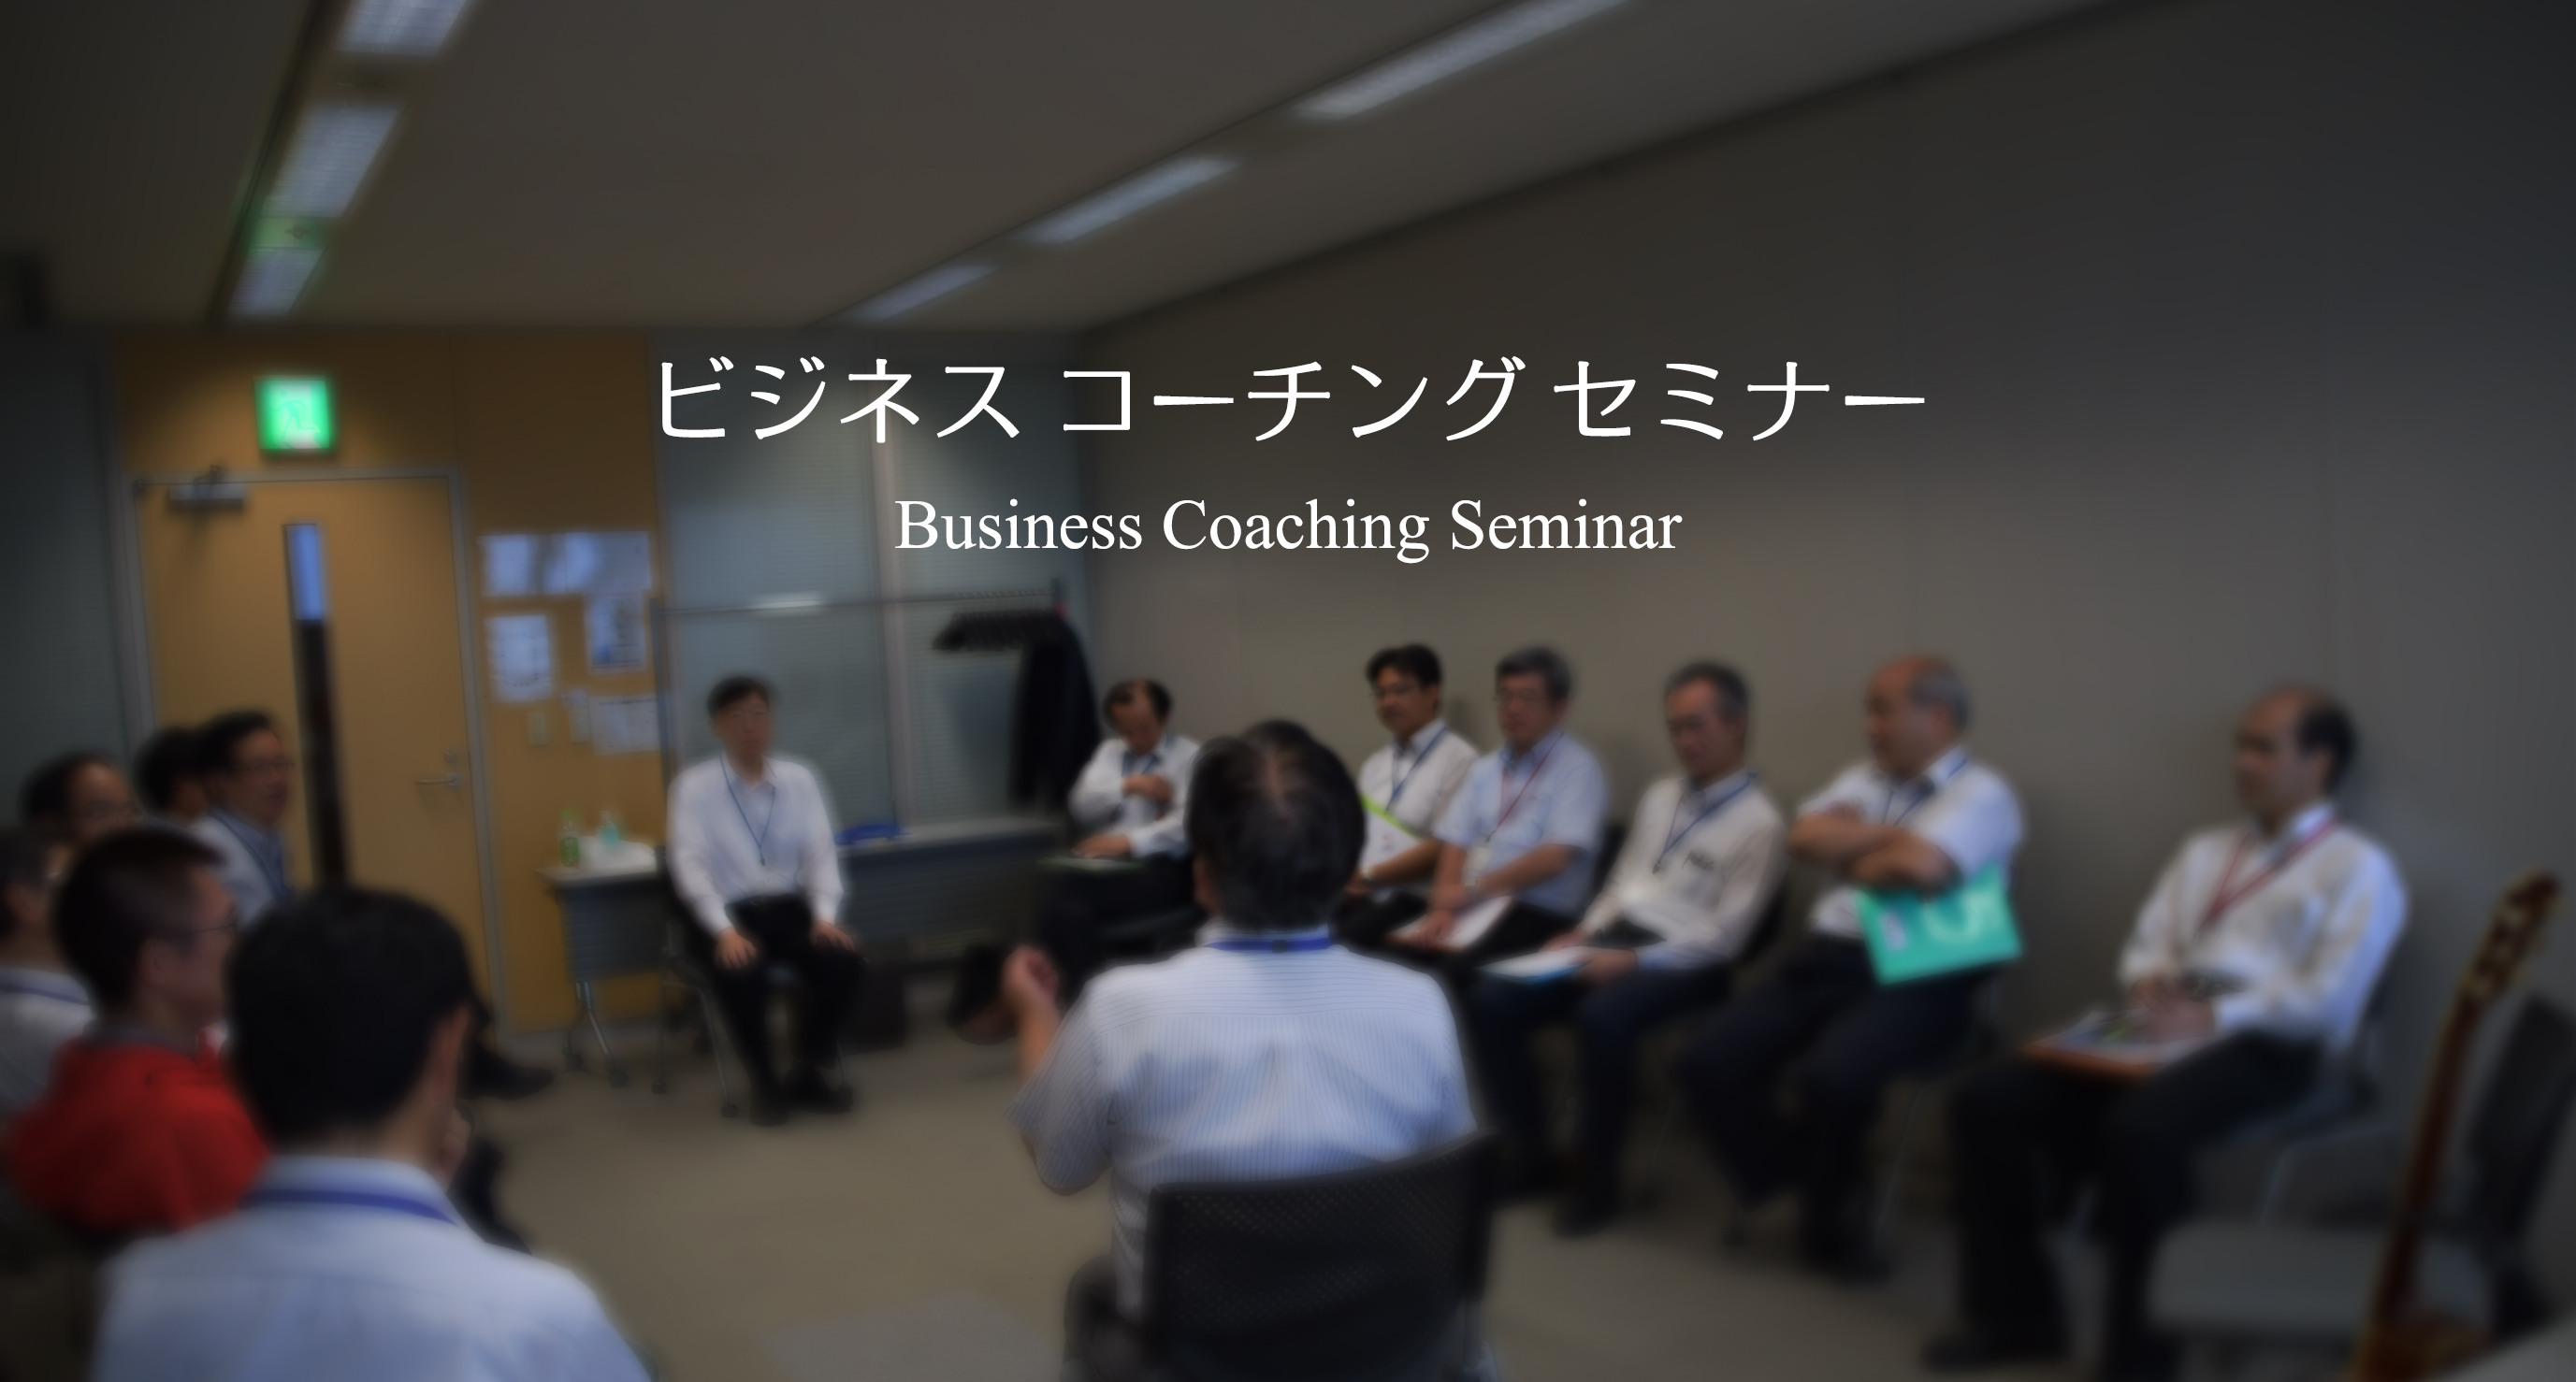 ビジネスコーチングセミナー